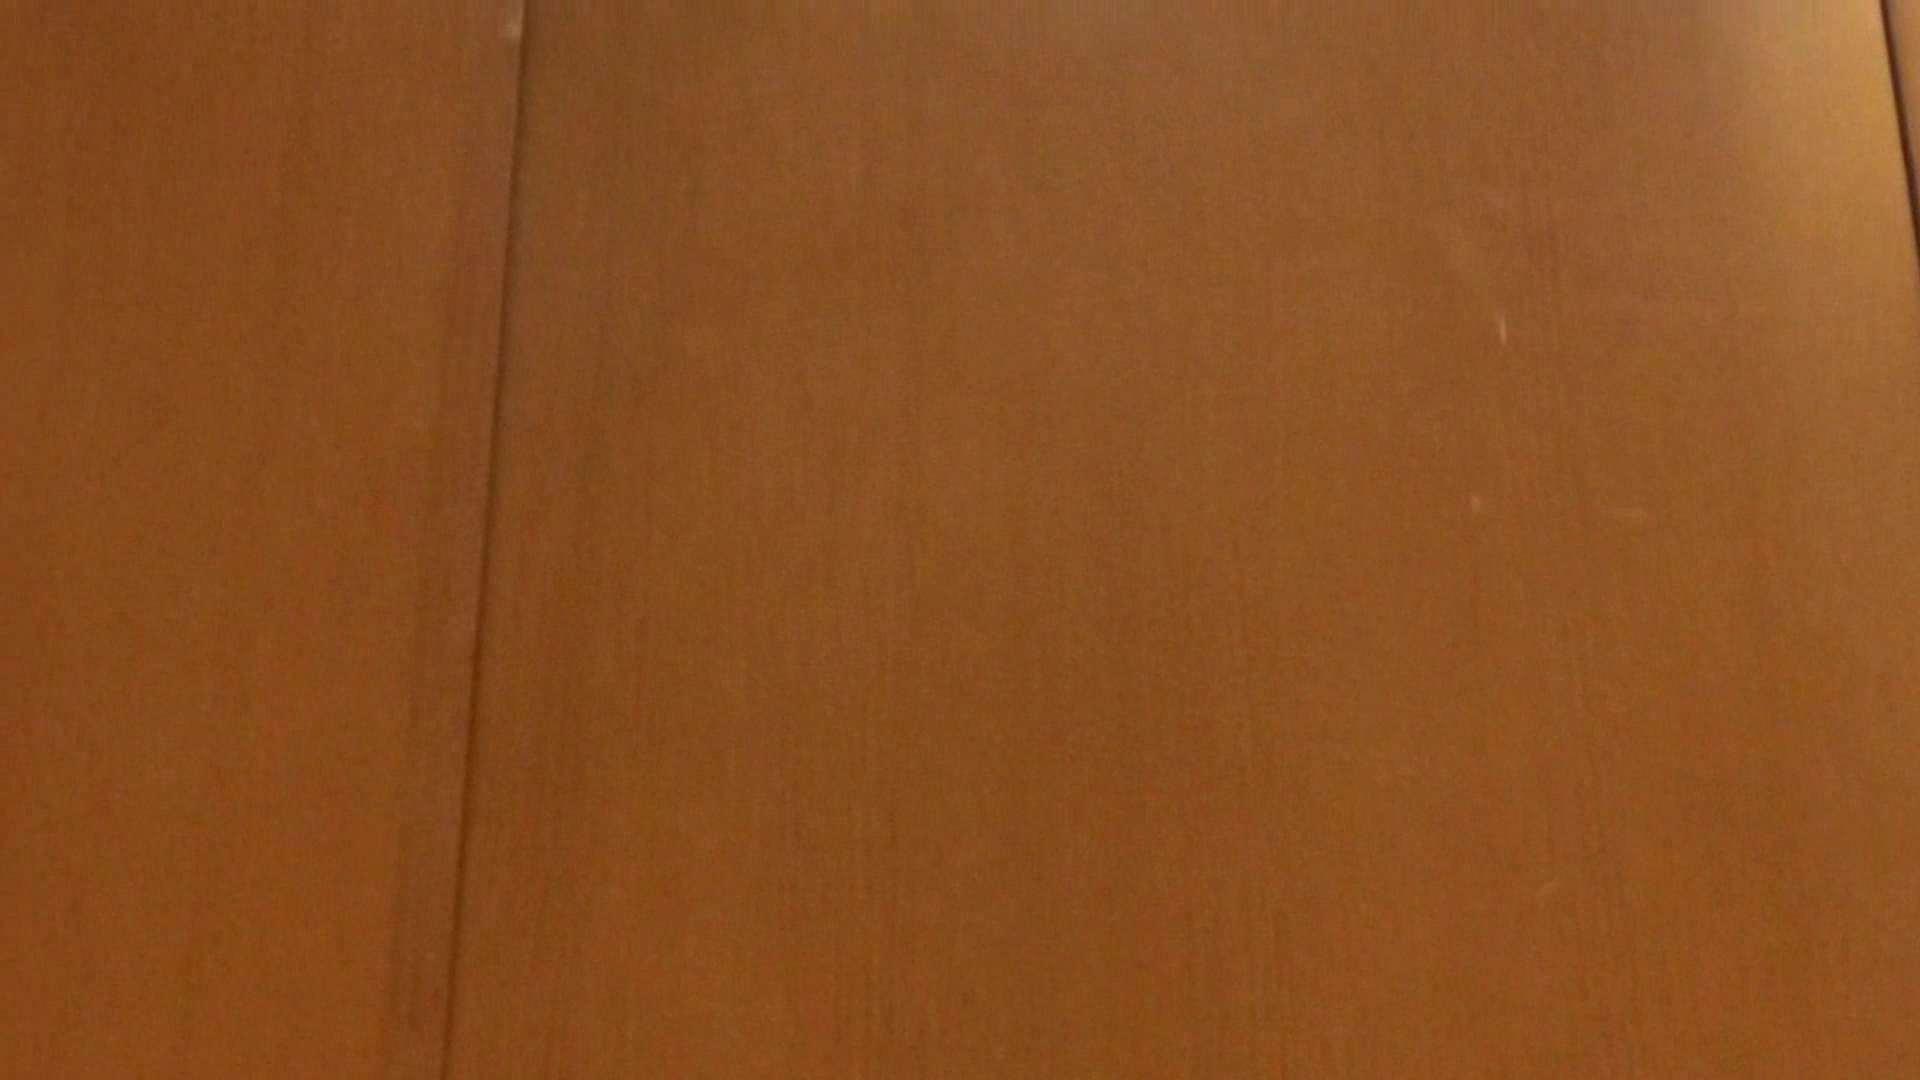 「噂」の国の厠観察日記2 Vol.01 人気シリーズ えろ無修正画像 102pic 80